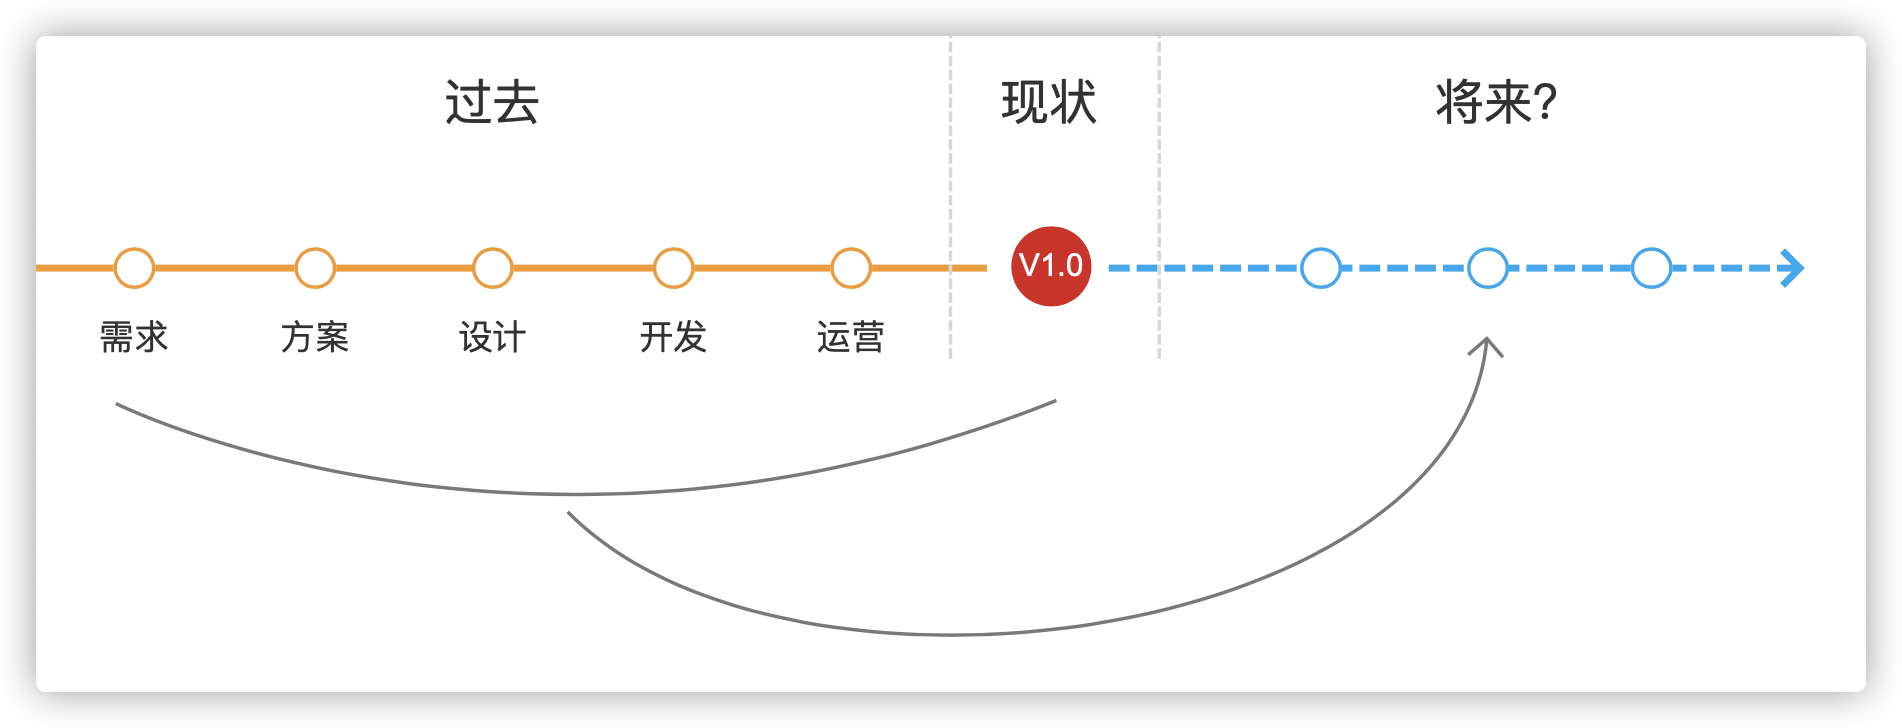 开源电商产品设计:商城如何从0到1的规划设计